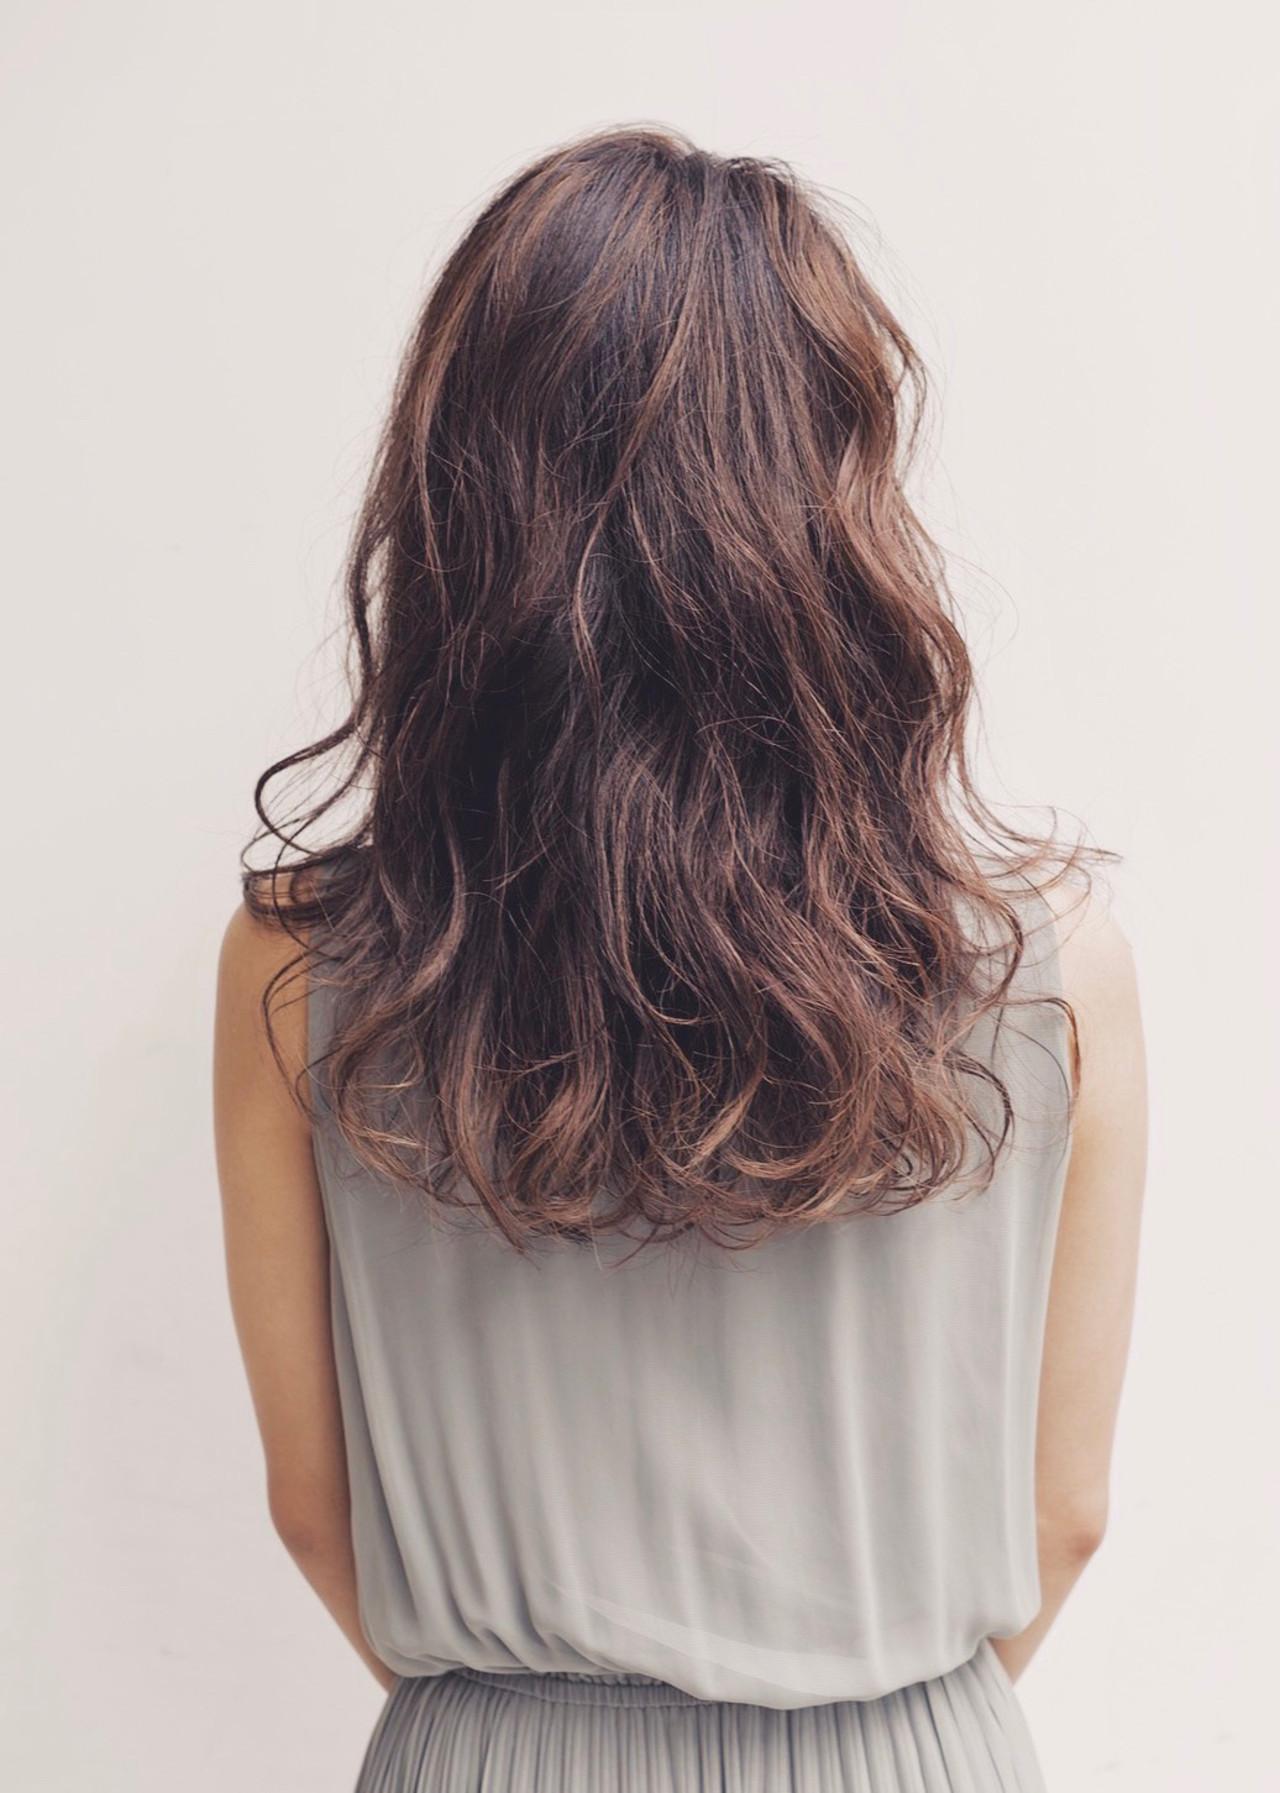 ハイライト インナーカラー パーマ ロングヘアスタイルや髪型の写真・画像